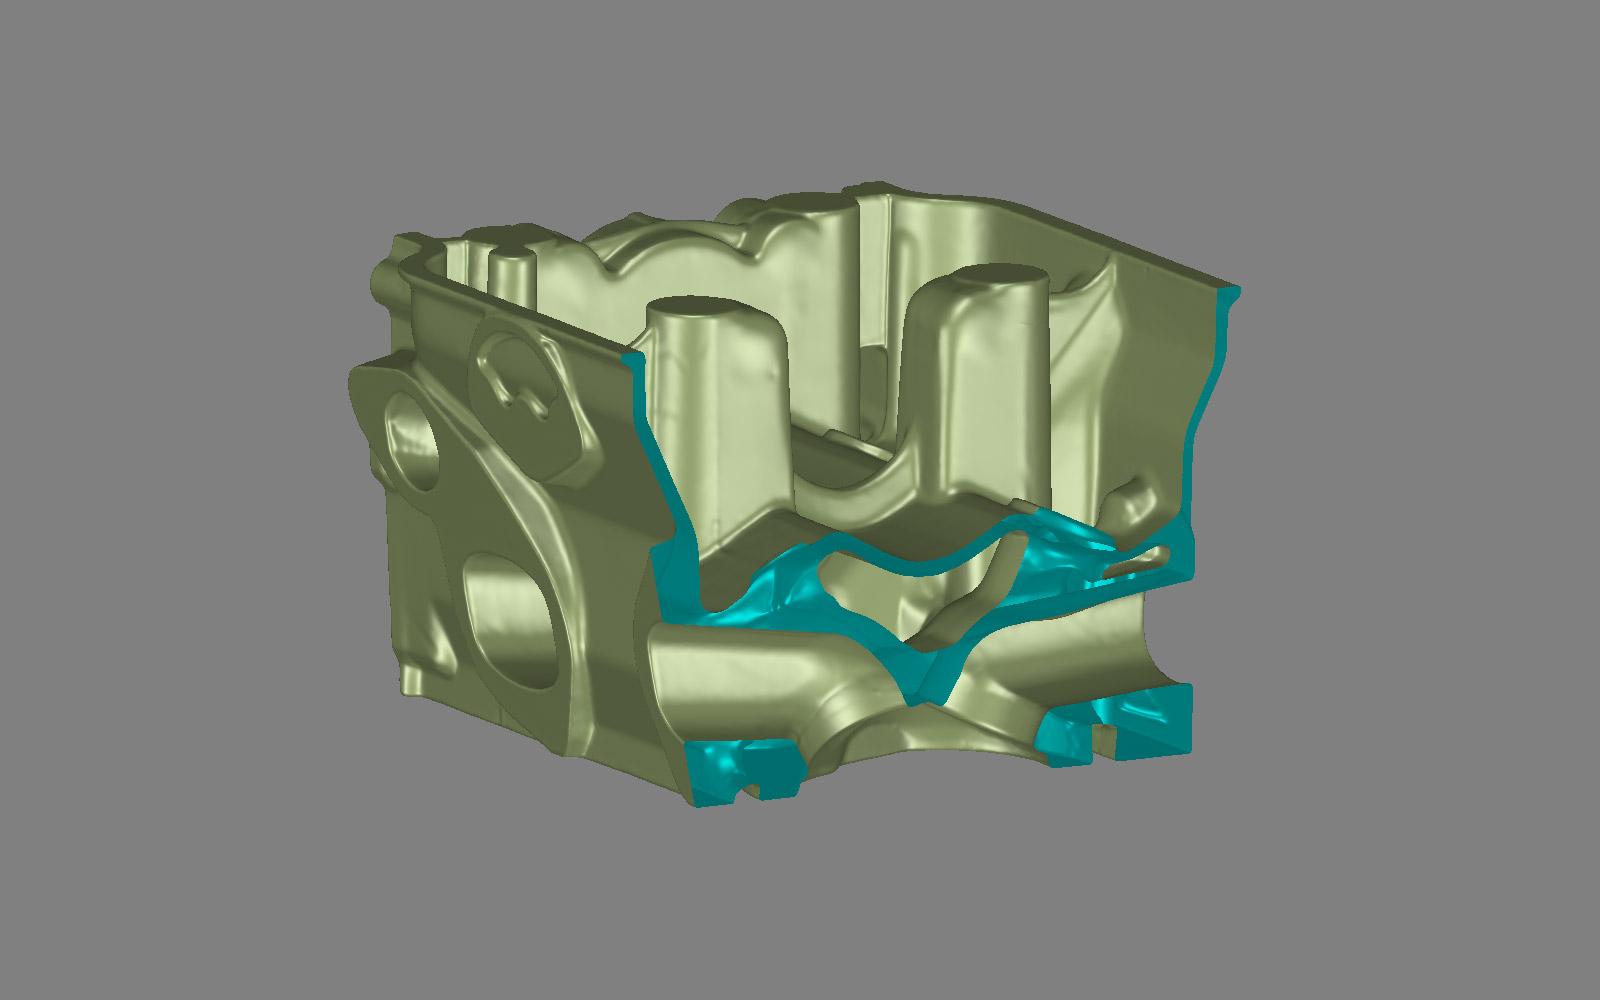 Conap 3D Reverse Engineering - Zylinderkopf auf dem Messtisch